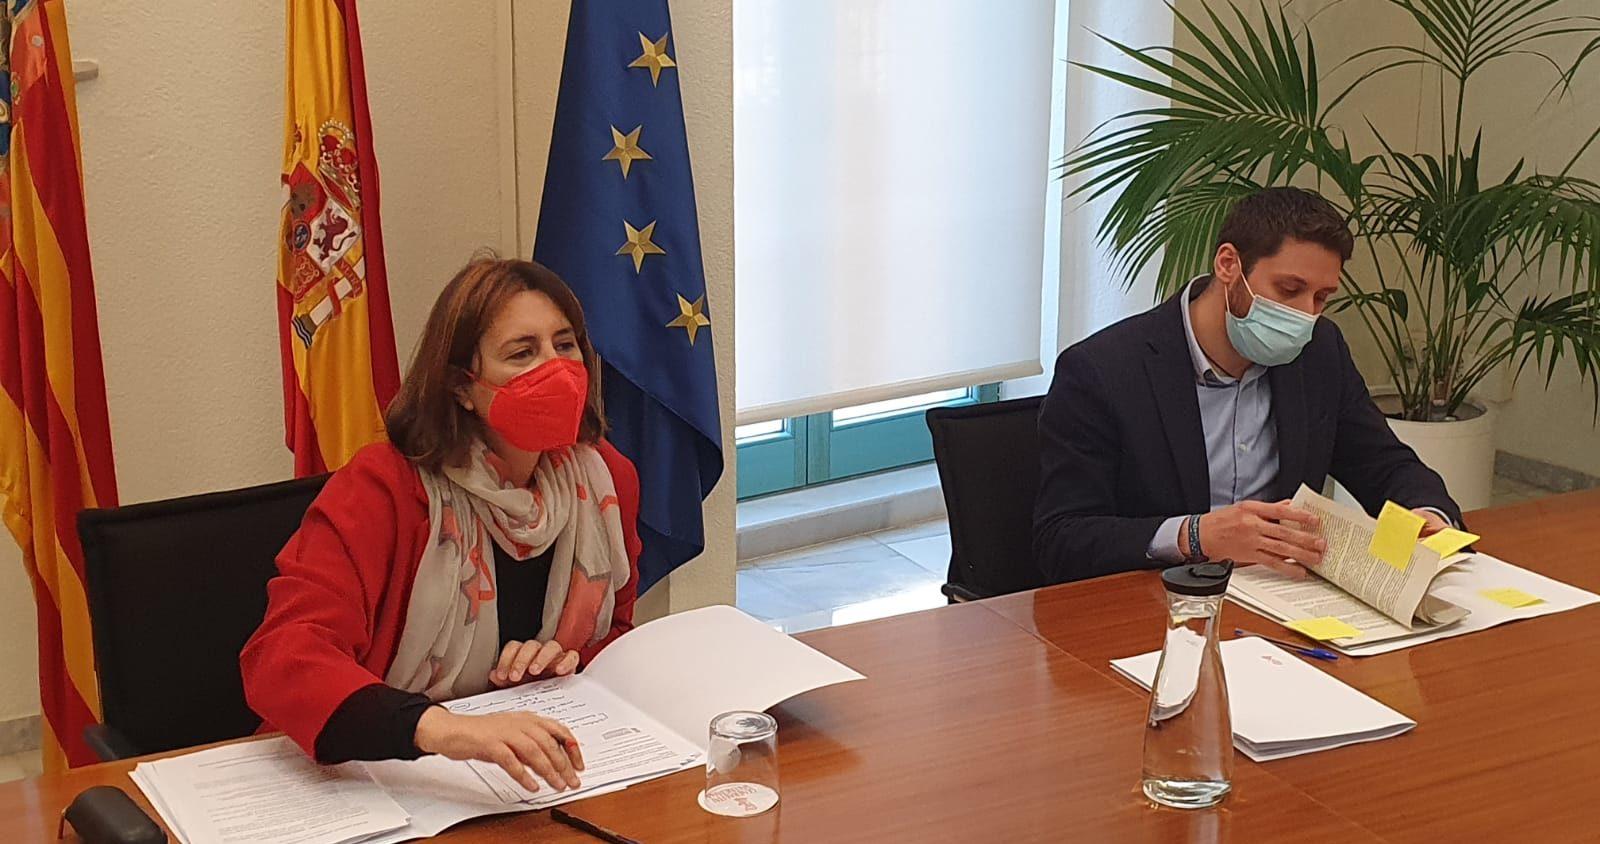 PérezGarijoanuncia una Llei de la Pau i els Drets Humans a la Comunitat Valenciana